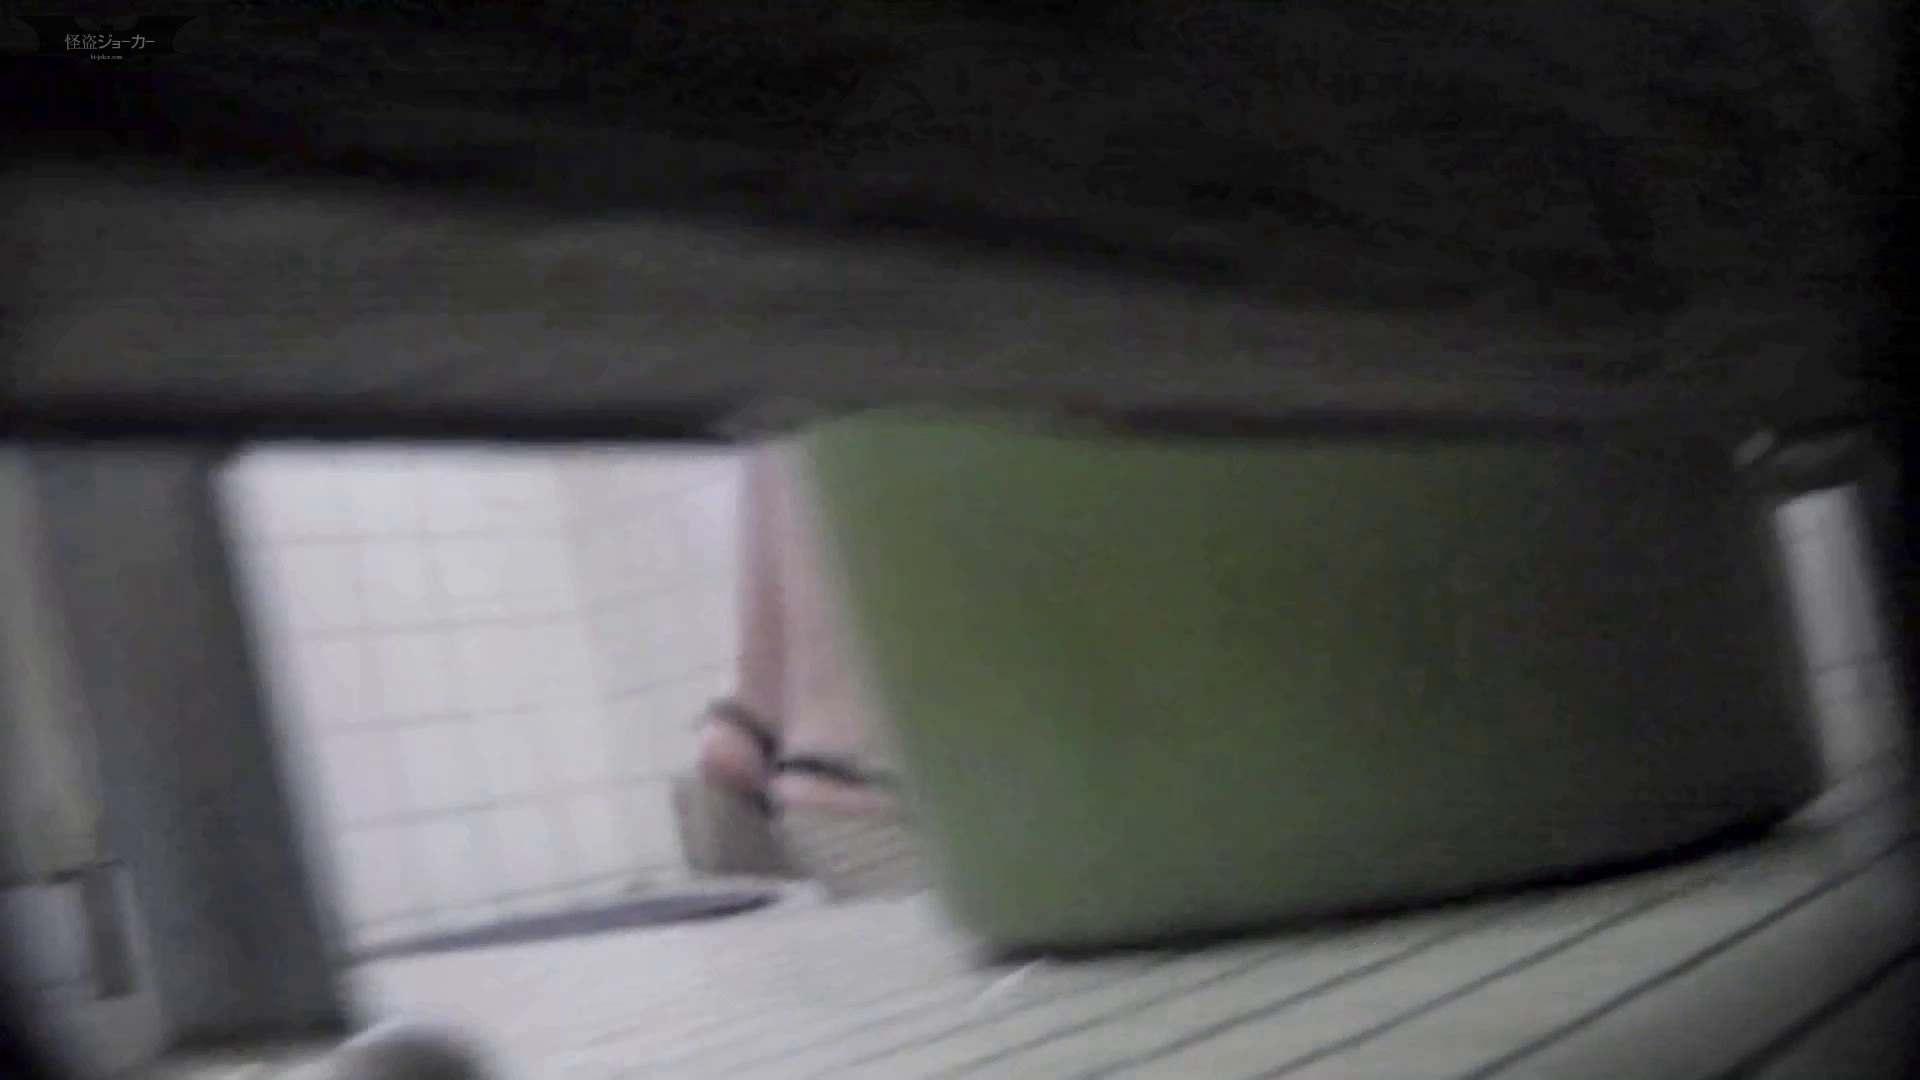 洗面所特攻隊 vol.66 珍事件発生!! 「指」で出【2015・05位】 洗面所 | 色っぽいOL達  91pic 23